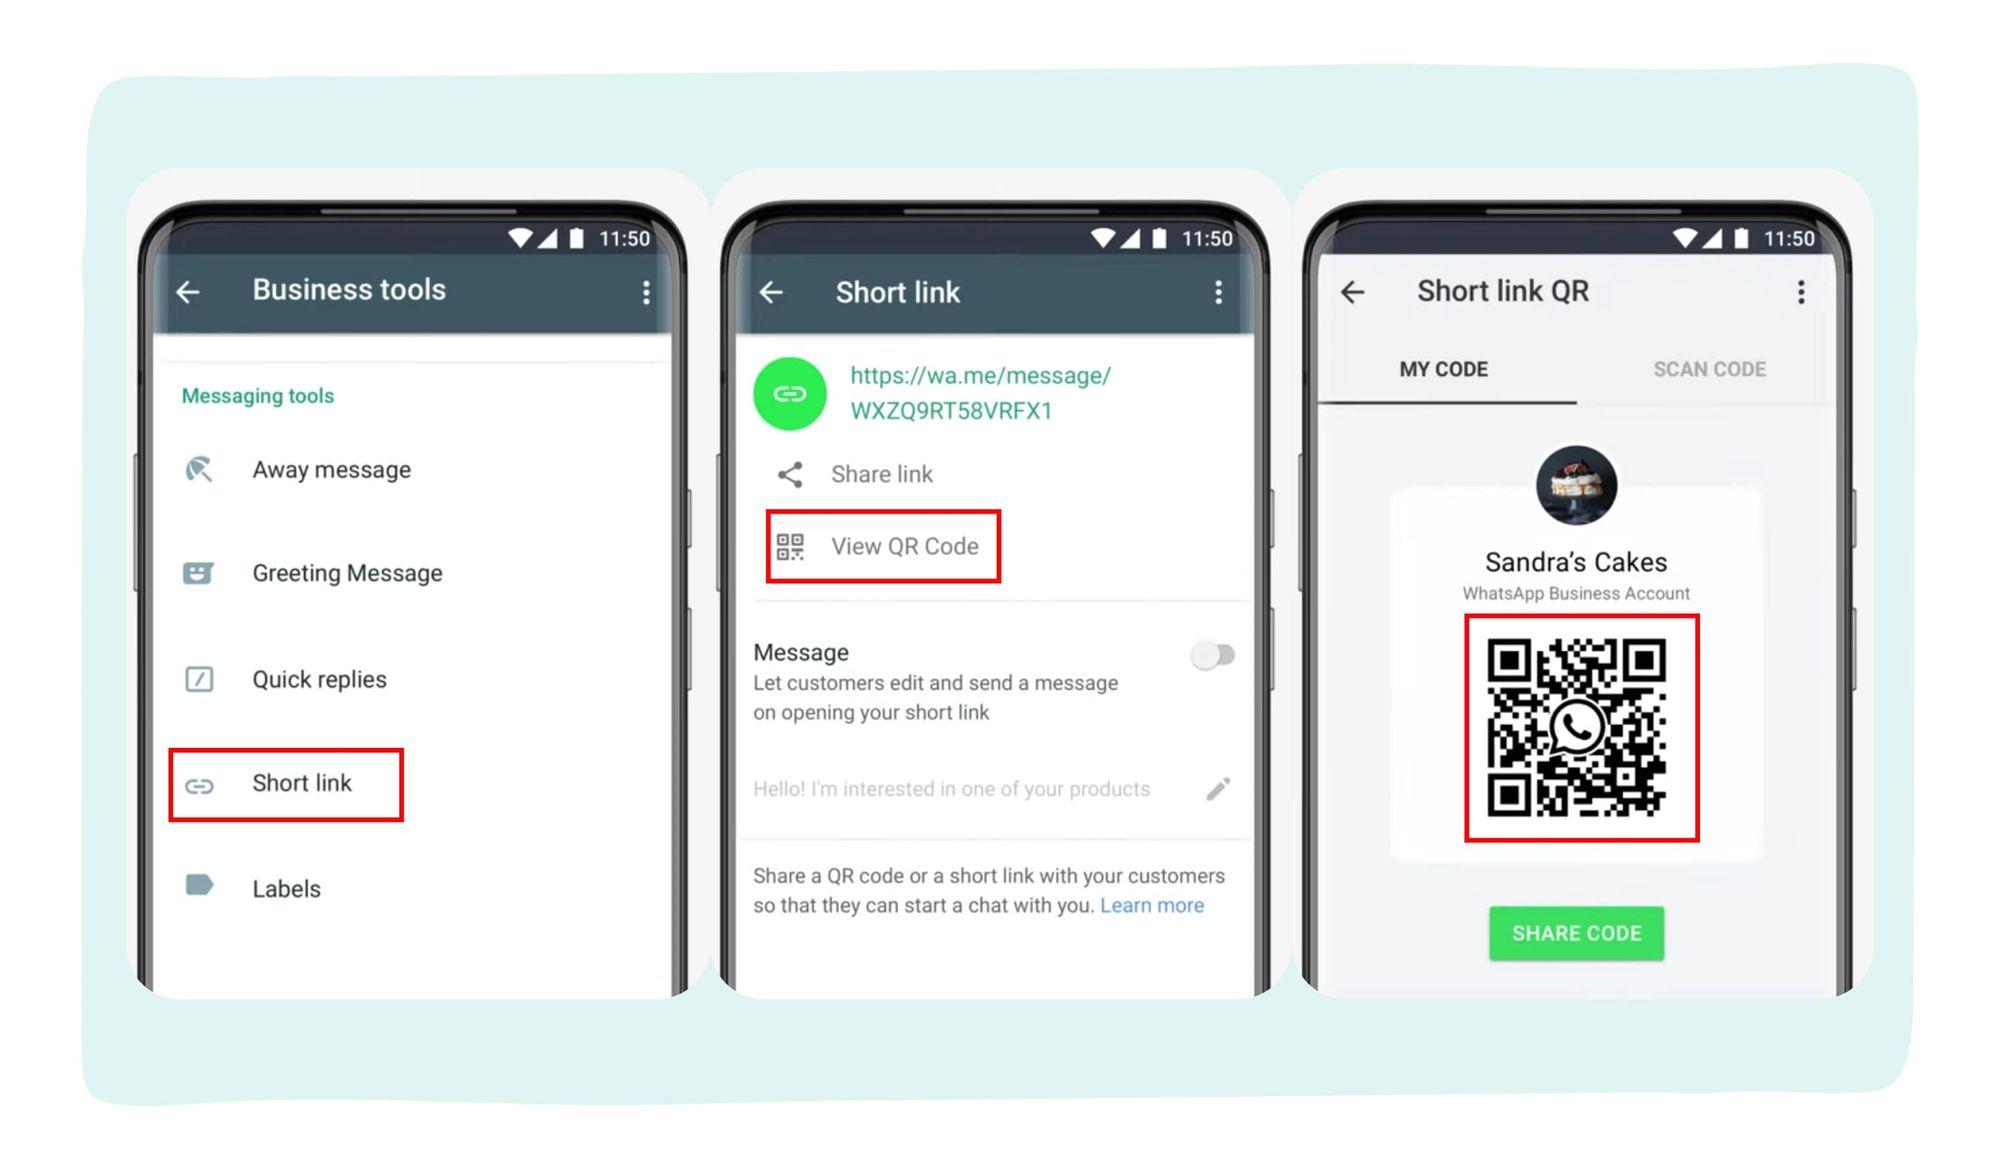 کدهای QR قابل اسکن برای حسابهای بیزنسی واتساپ